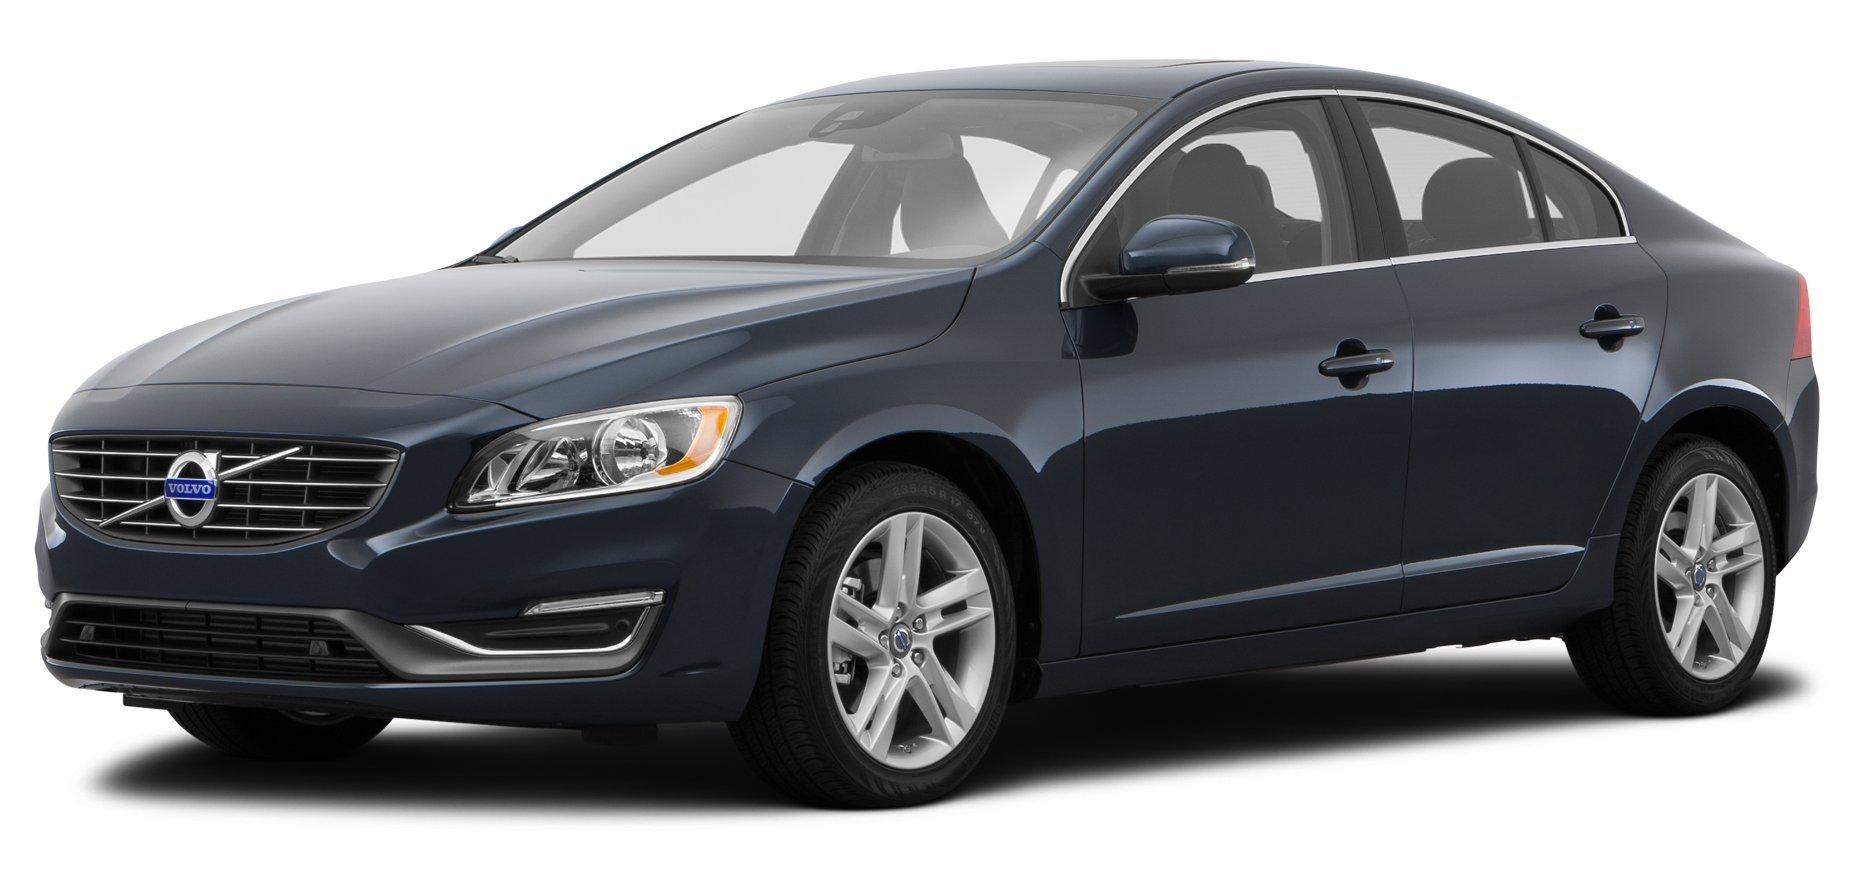 2017 Volvo S60 T6 R Design Platinum >> 2015 Volvo S60 T6 R Design Platinum 2015 5 4 Door Sedan All Wheel Drive Savile Gray Metallic